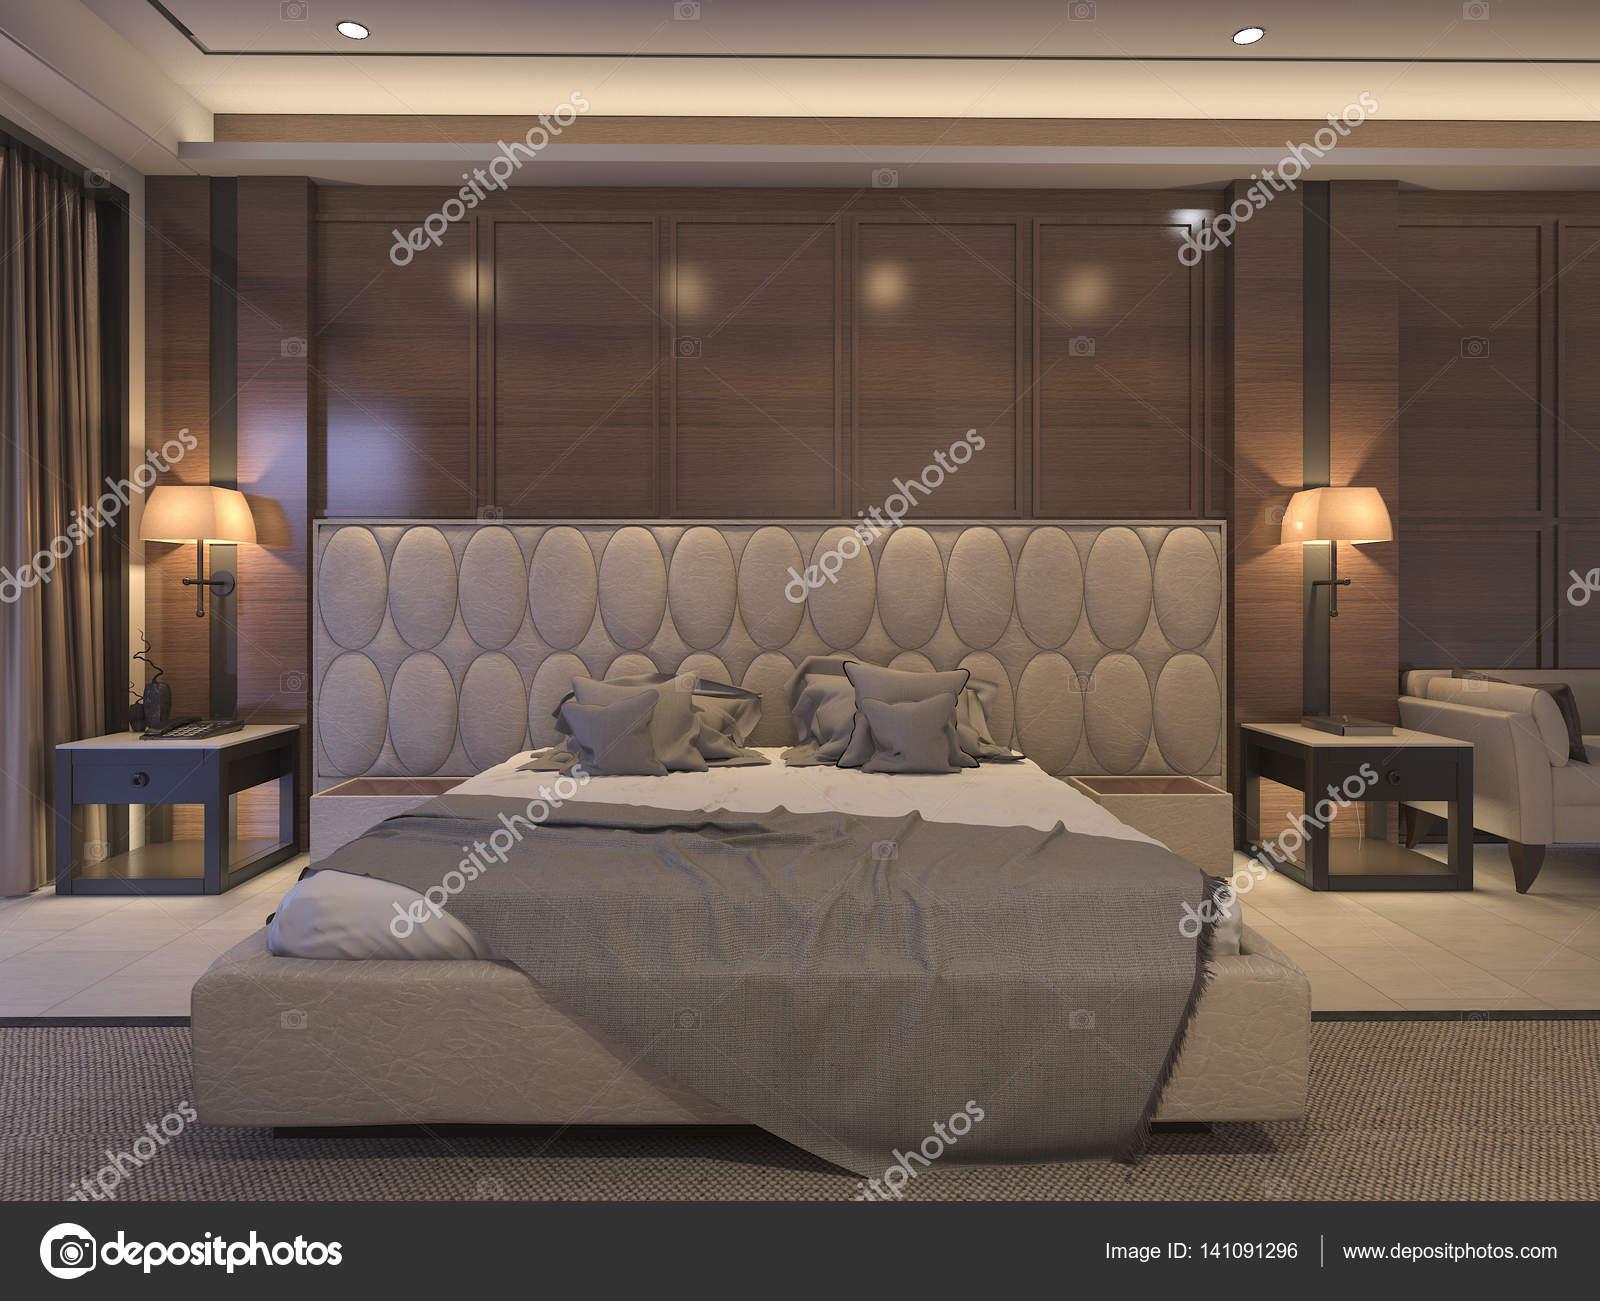 AuBergewohnlich 3D Rendering Klassische Schlafzimmer Mit Luxuriösen Dekor Und Romantischen  Bett U2014 Stockfoto